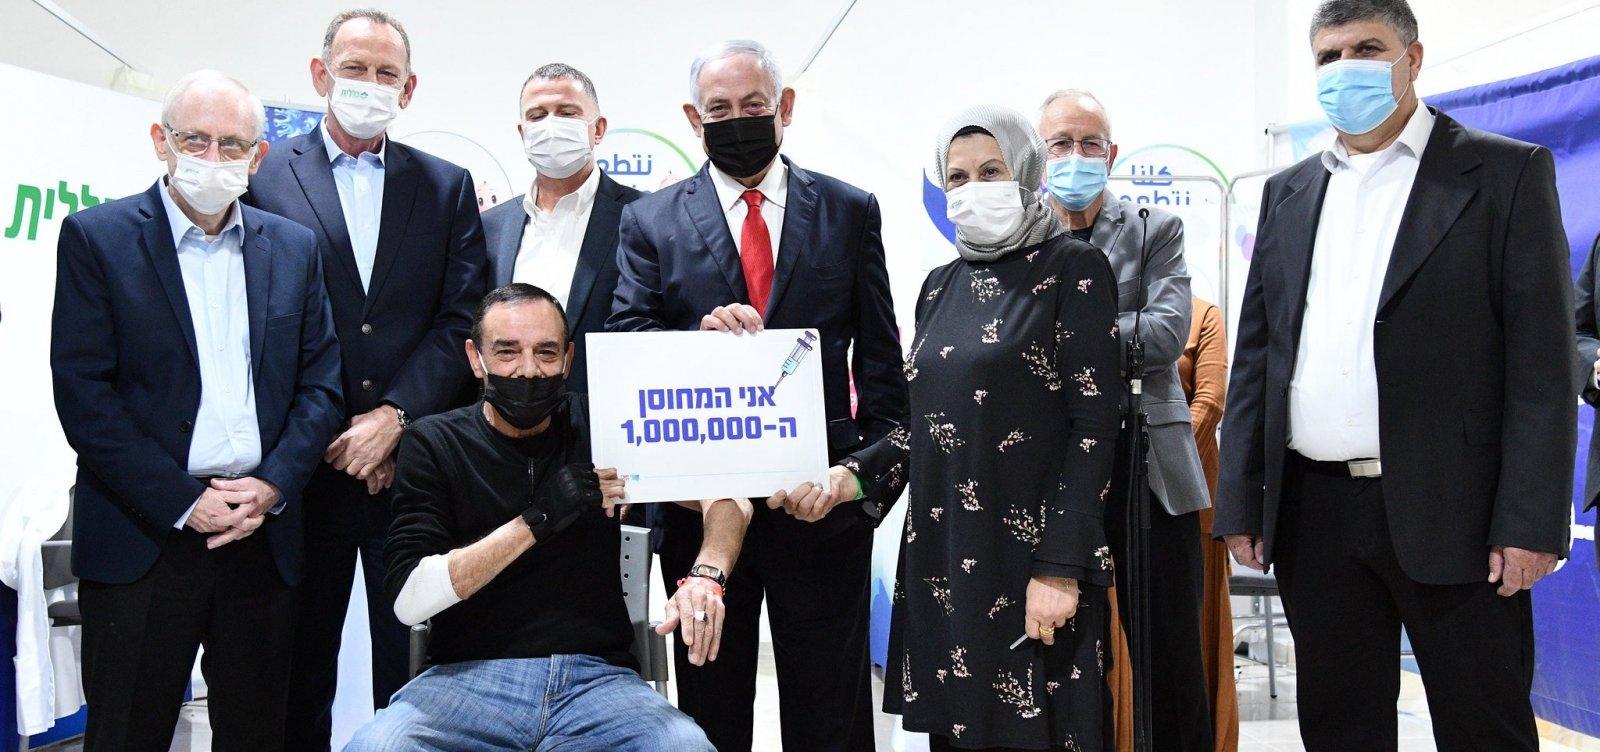 Israel atinge a marca de 1 milhão de cidadãos vacinados contra a Covid-19